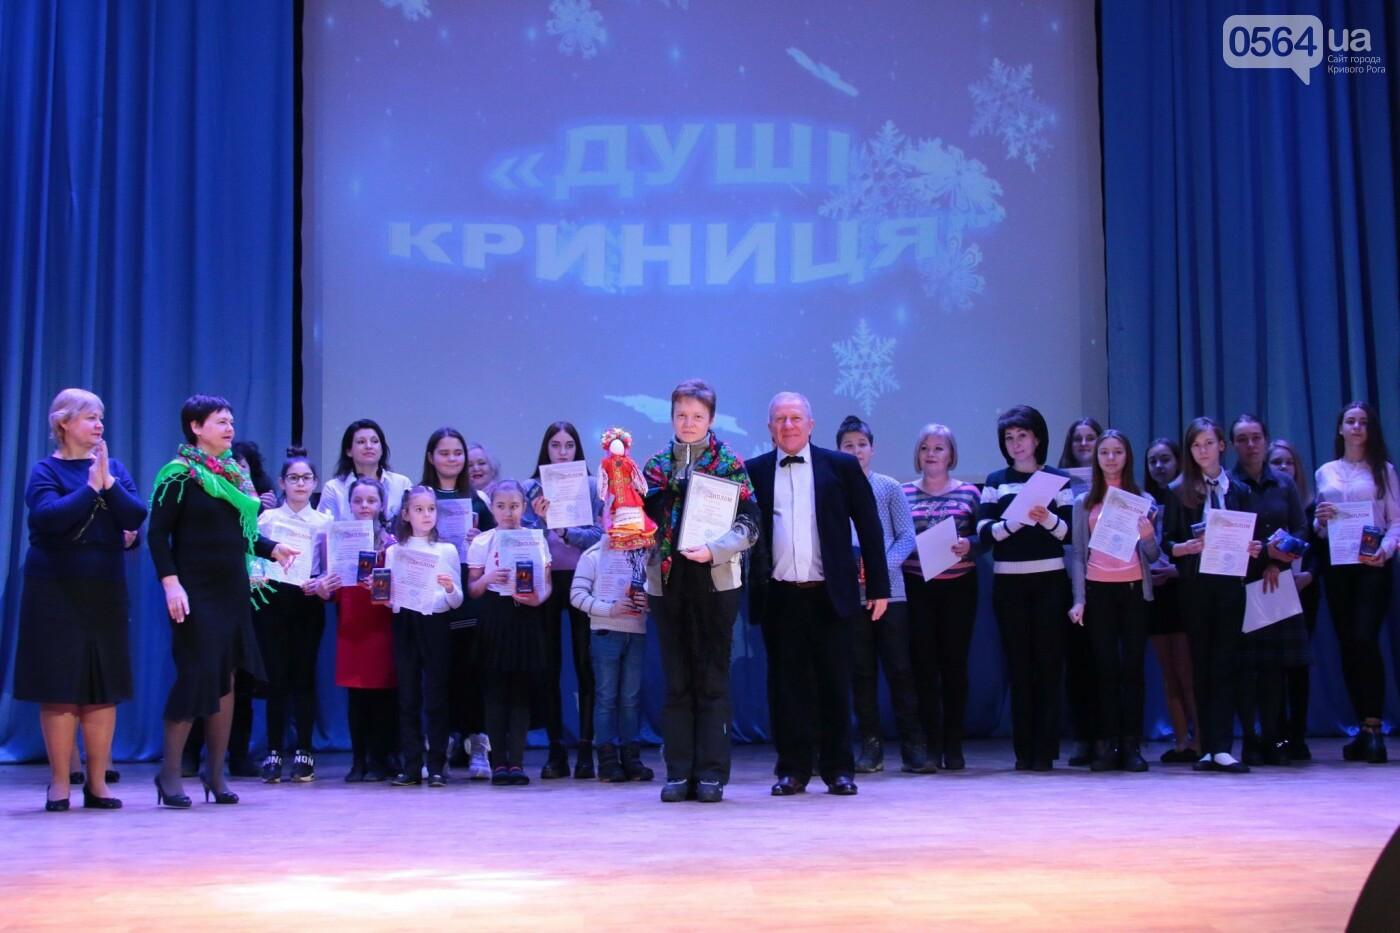 Криворожская рекордсменка получила Гран-при Всеукраинского фестиваля искусств, - ФОТО , фото-8